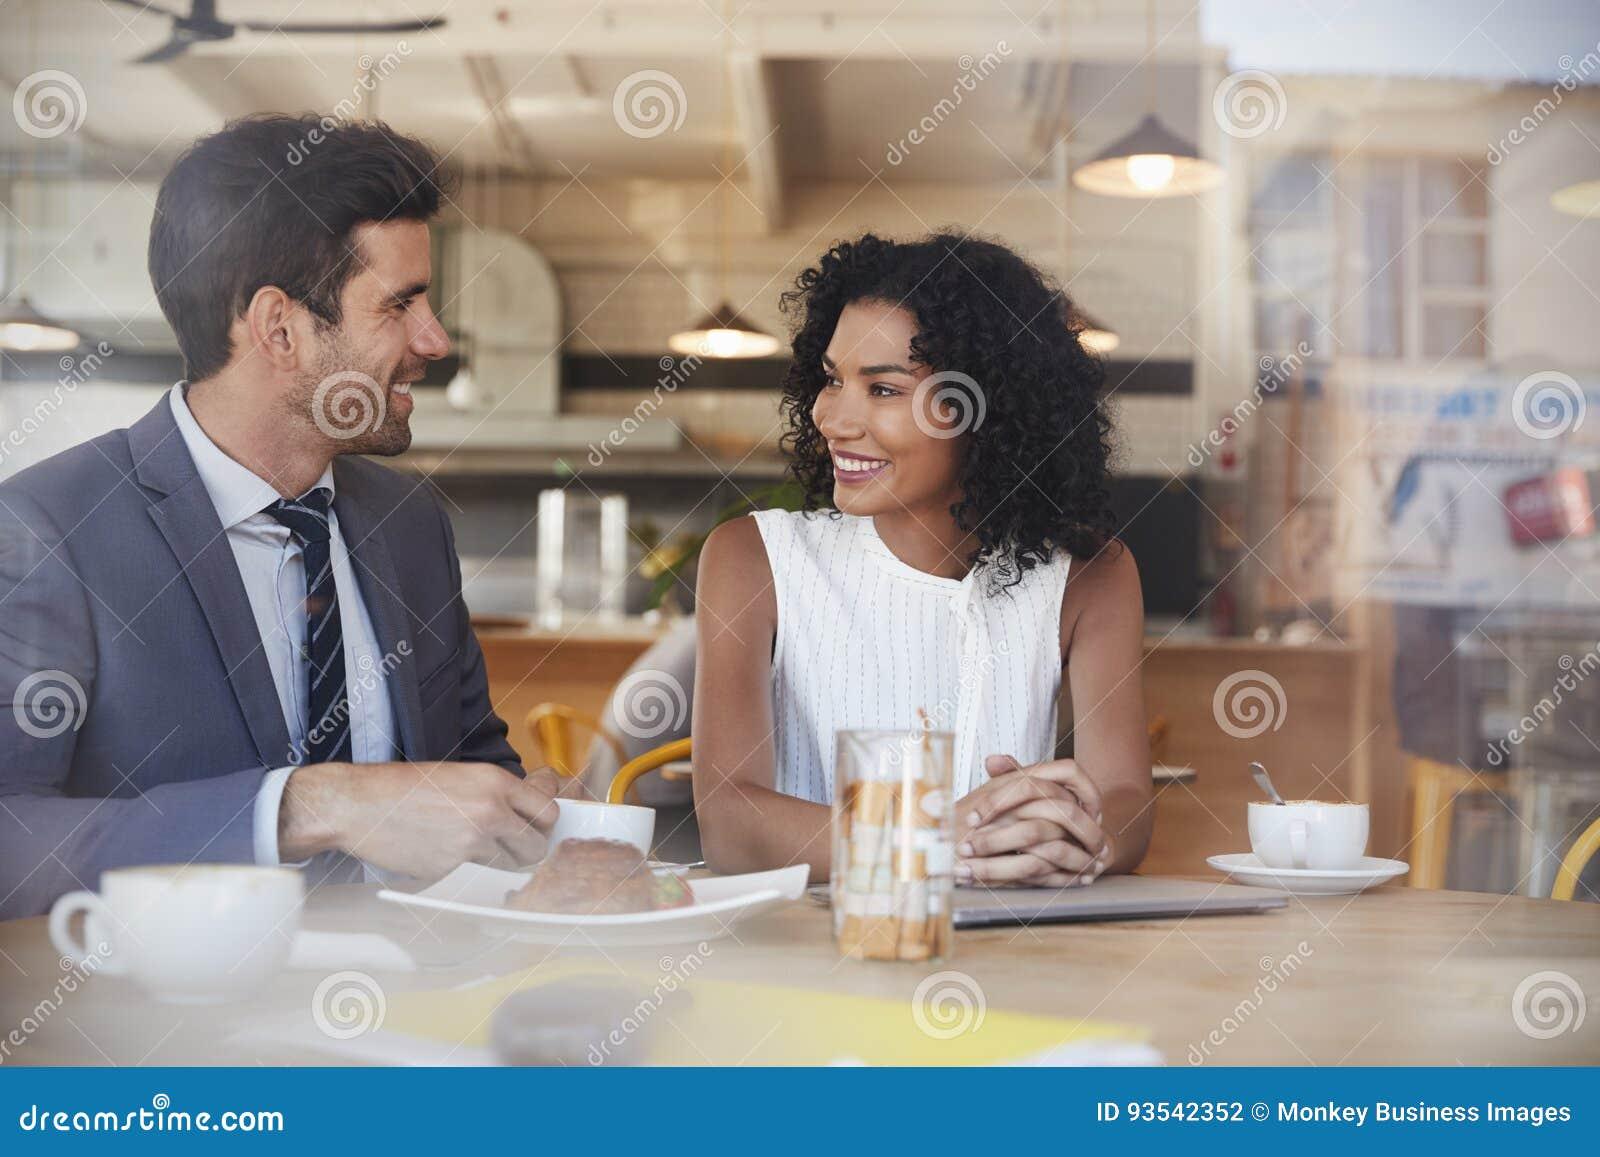 Due persone di affari si incontrano in caffetteria sparata attraverso la finestra